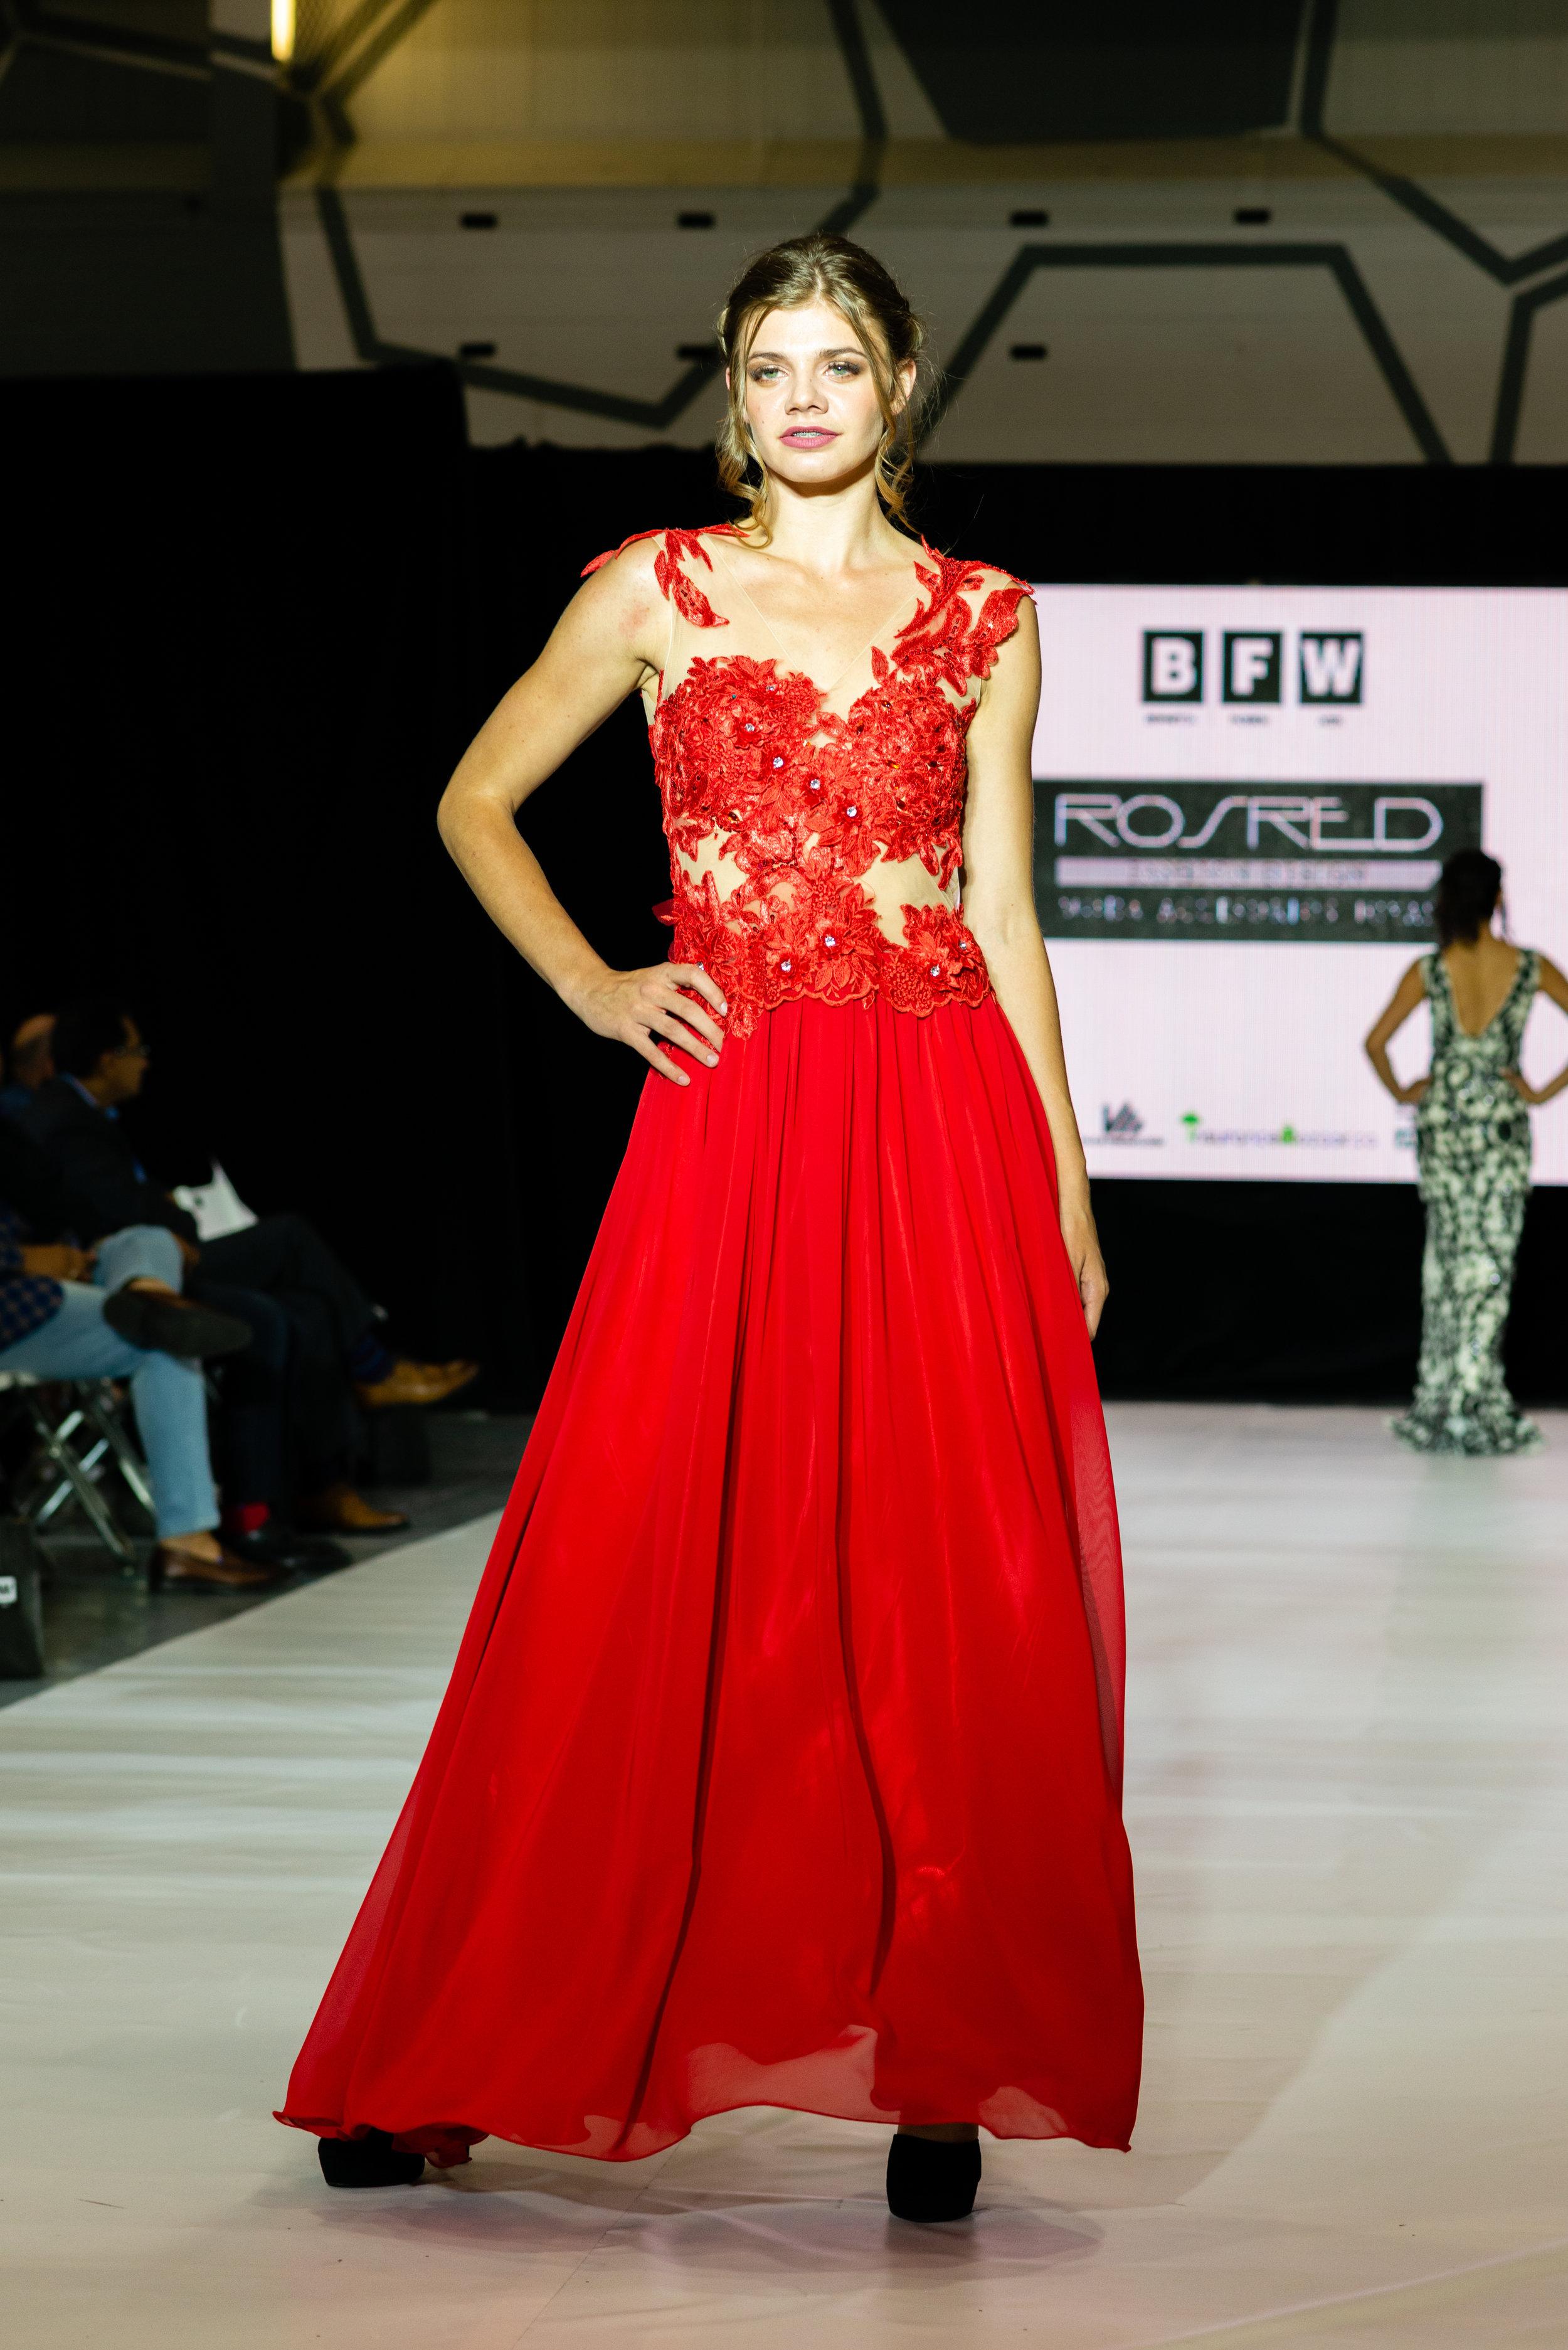 BFW10 - Rosred Fashion Design-D8A_2206.jpg